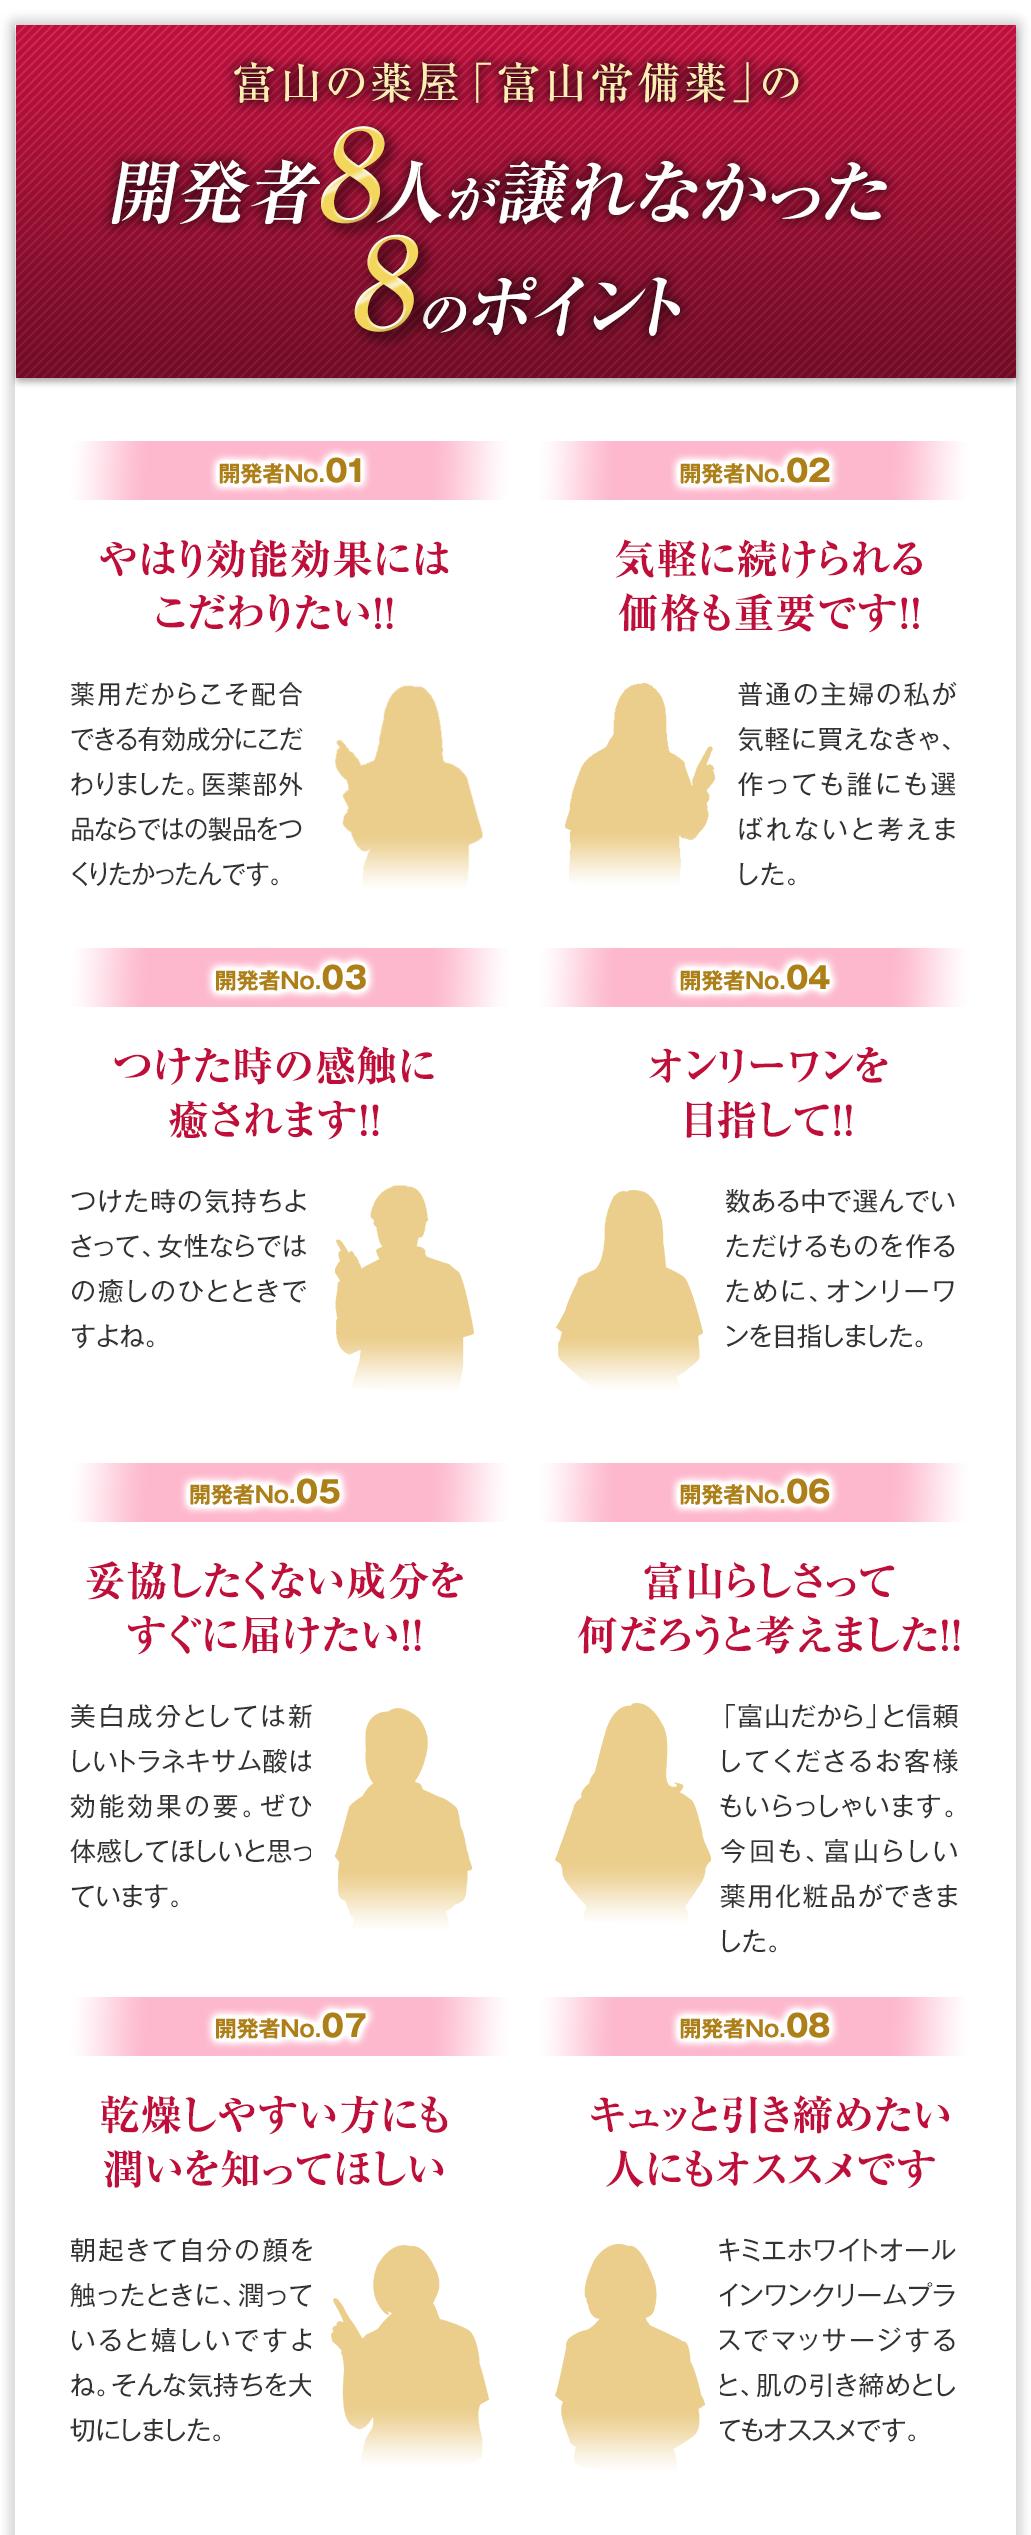 富山の薬屋「富山常備薬グループ」の開発者8人が譲れなかった8のポイント